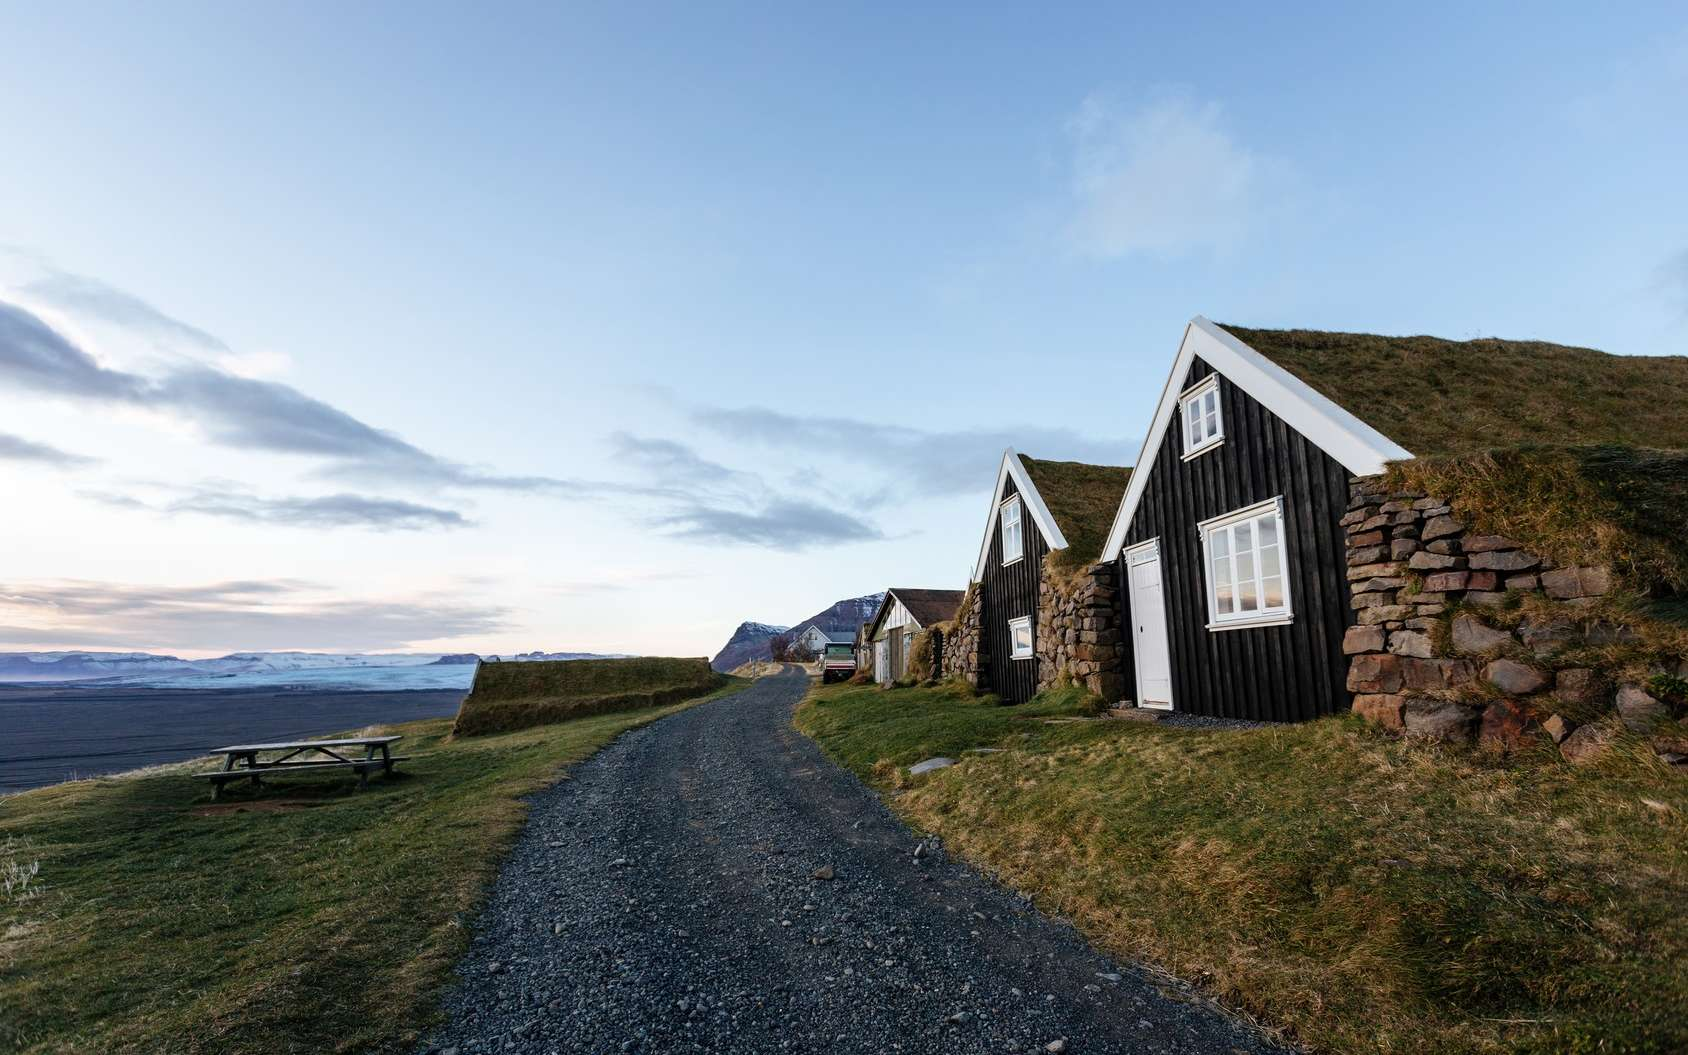 La population islandaise a évolué depuis l'arrivée des vikings il y a plus de 1.000 ans. © igor_kravtsov, Fotolia